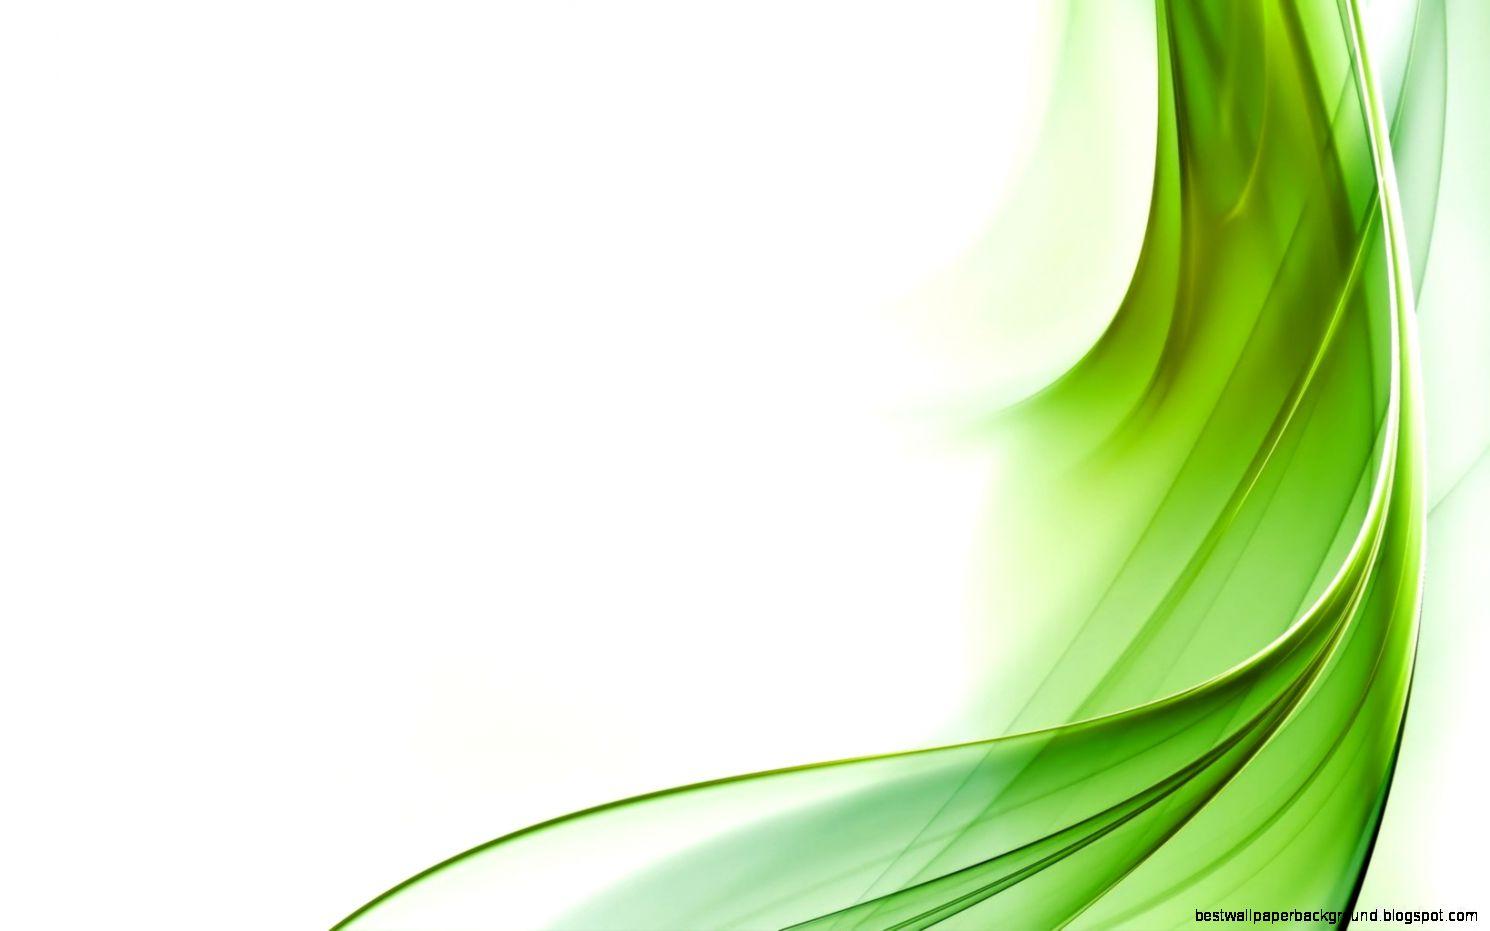 Green abstract wallpaper best wallpaper background - Green abstract background hd ...